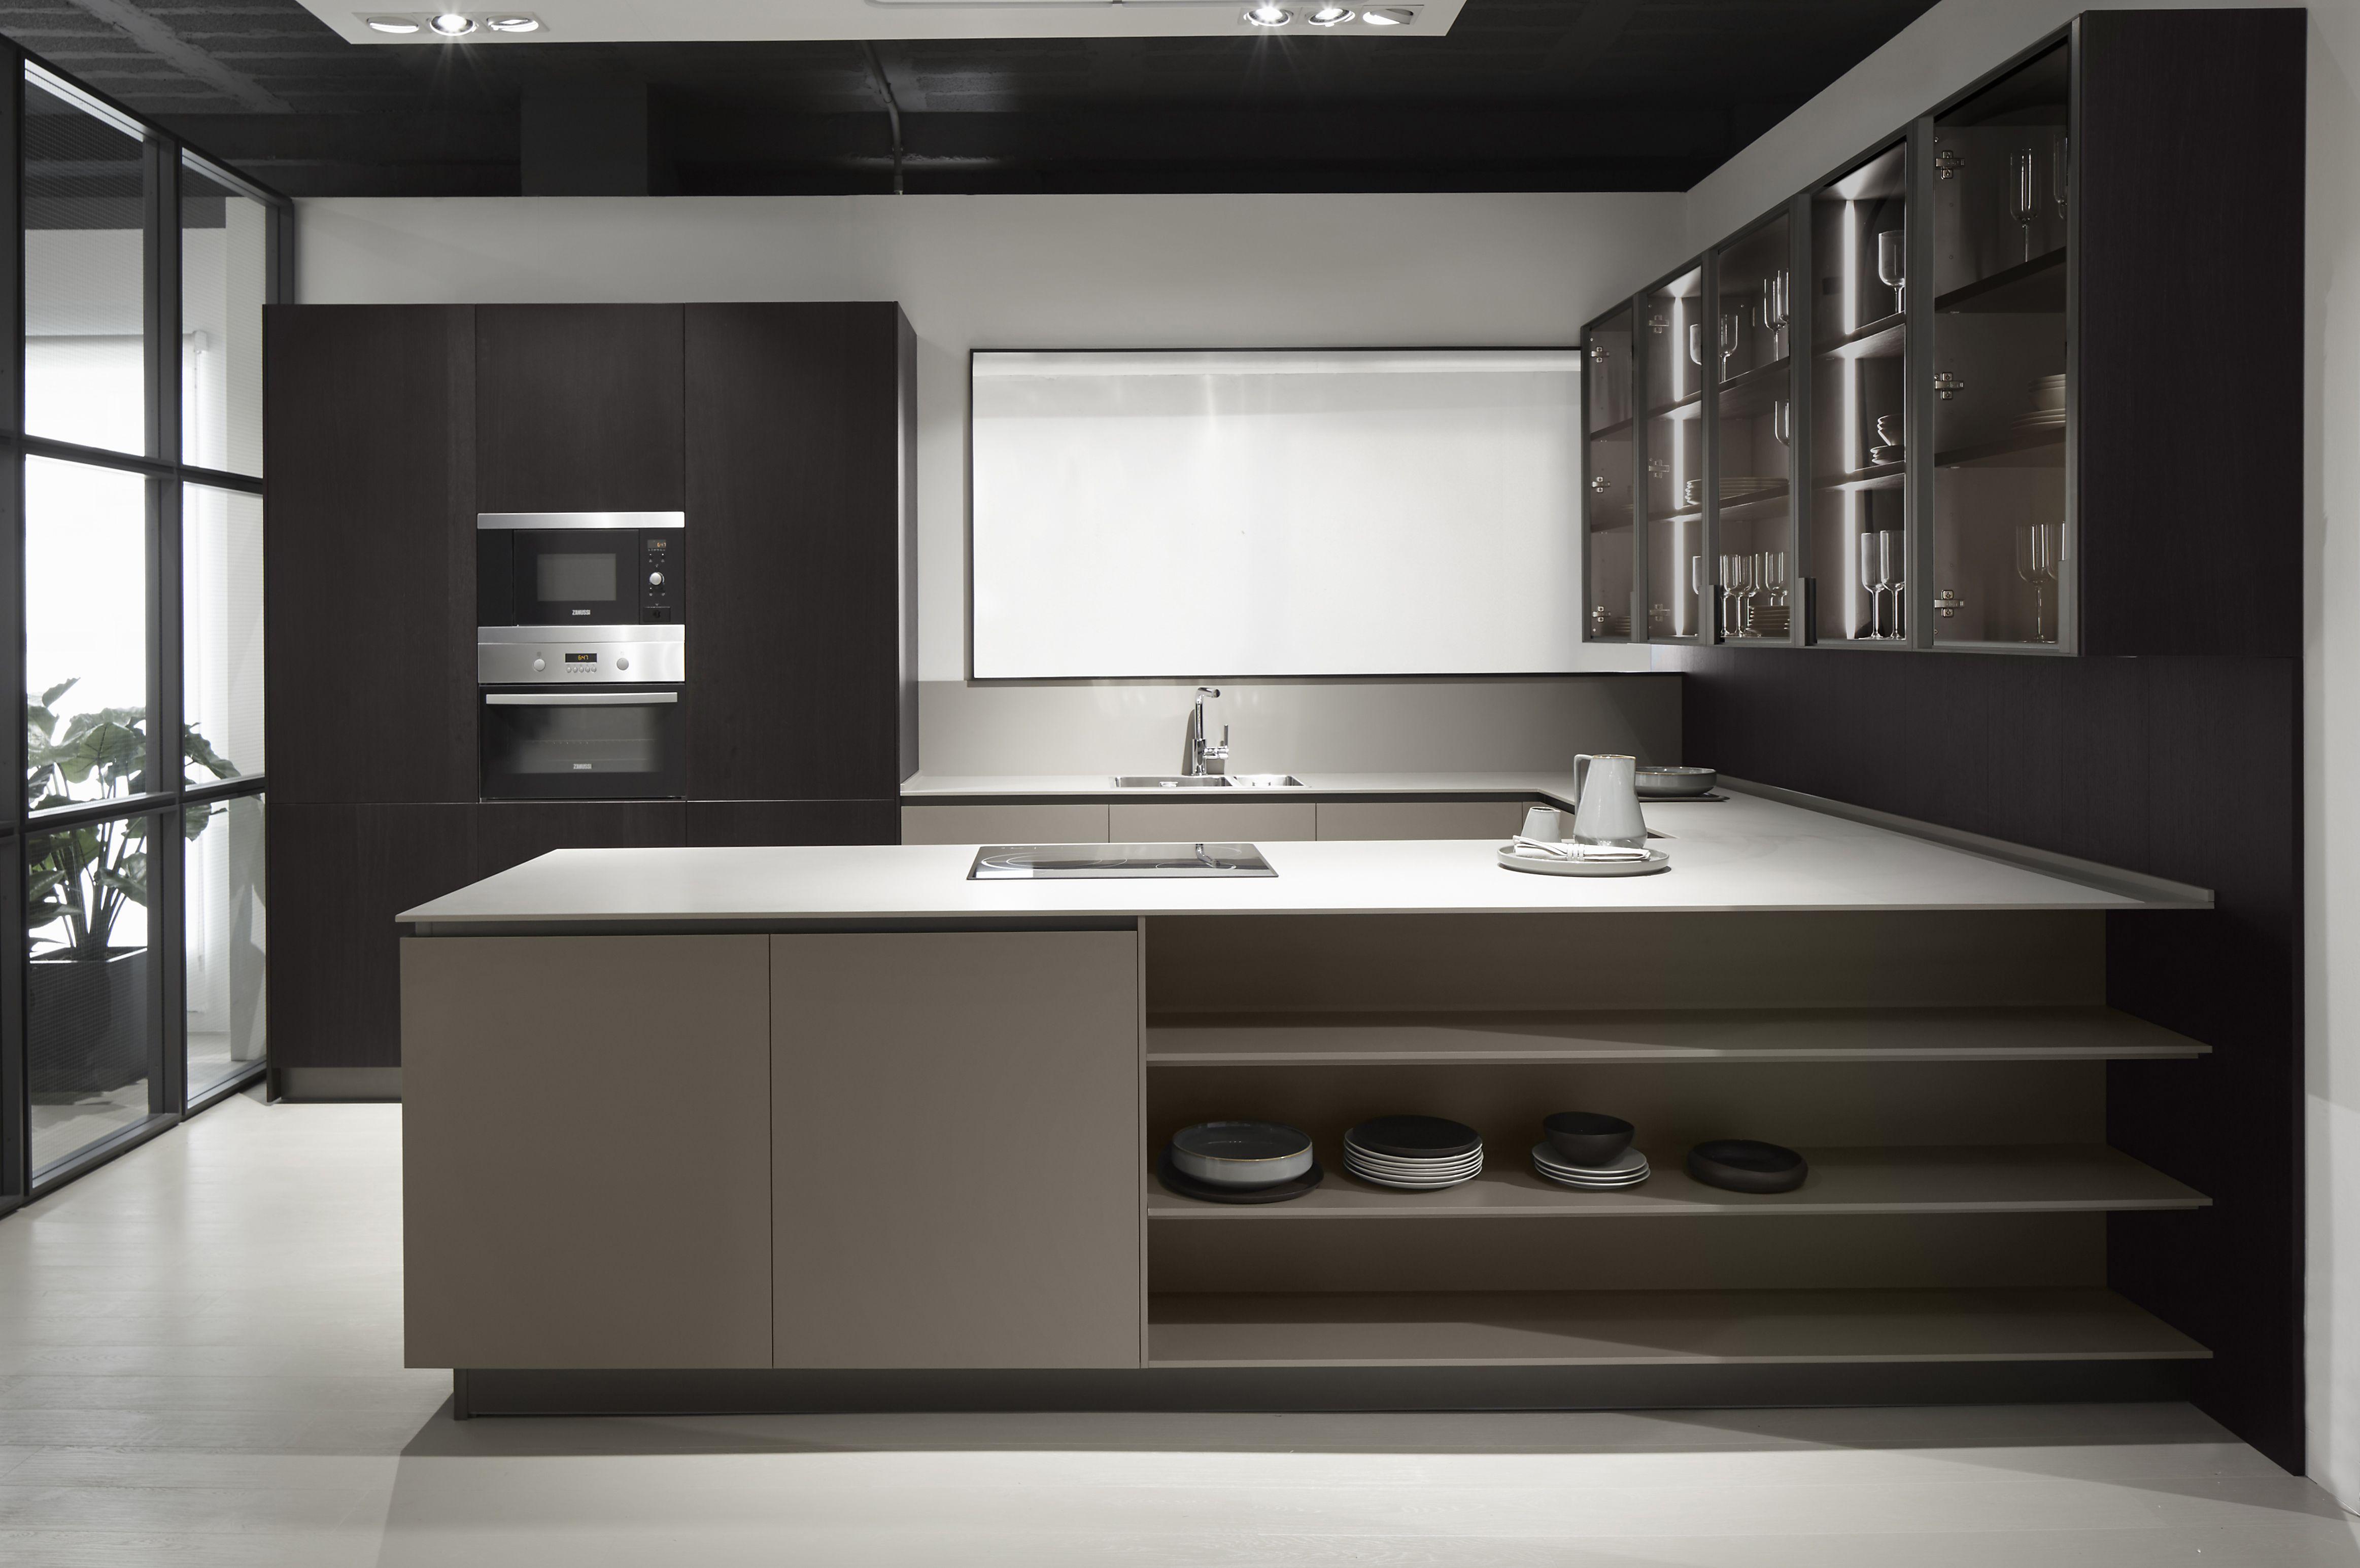 Cocina práctica y moderna con este diseño en forma de U. Perfecta ...